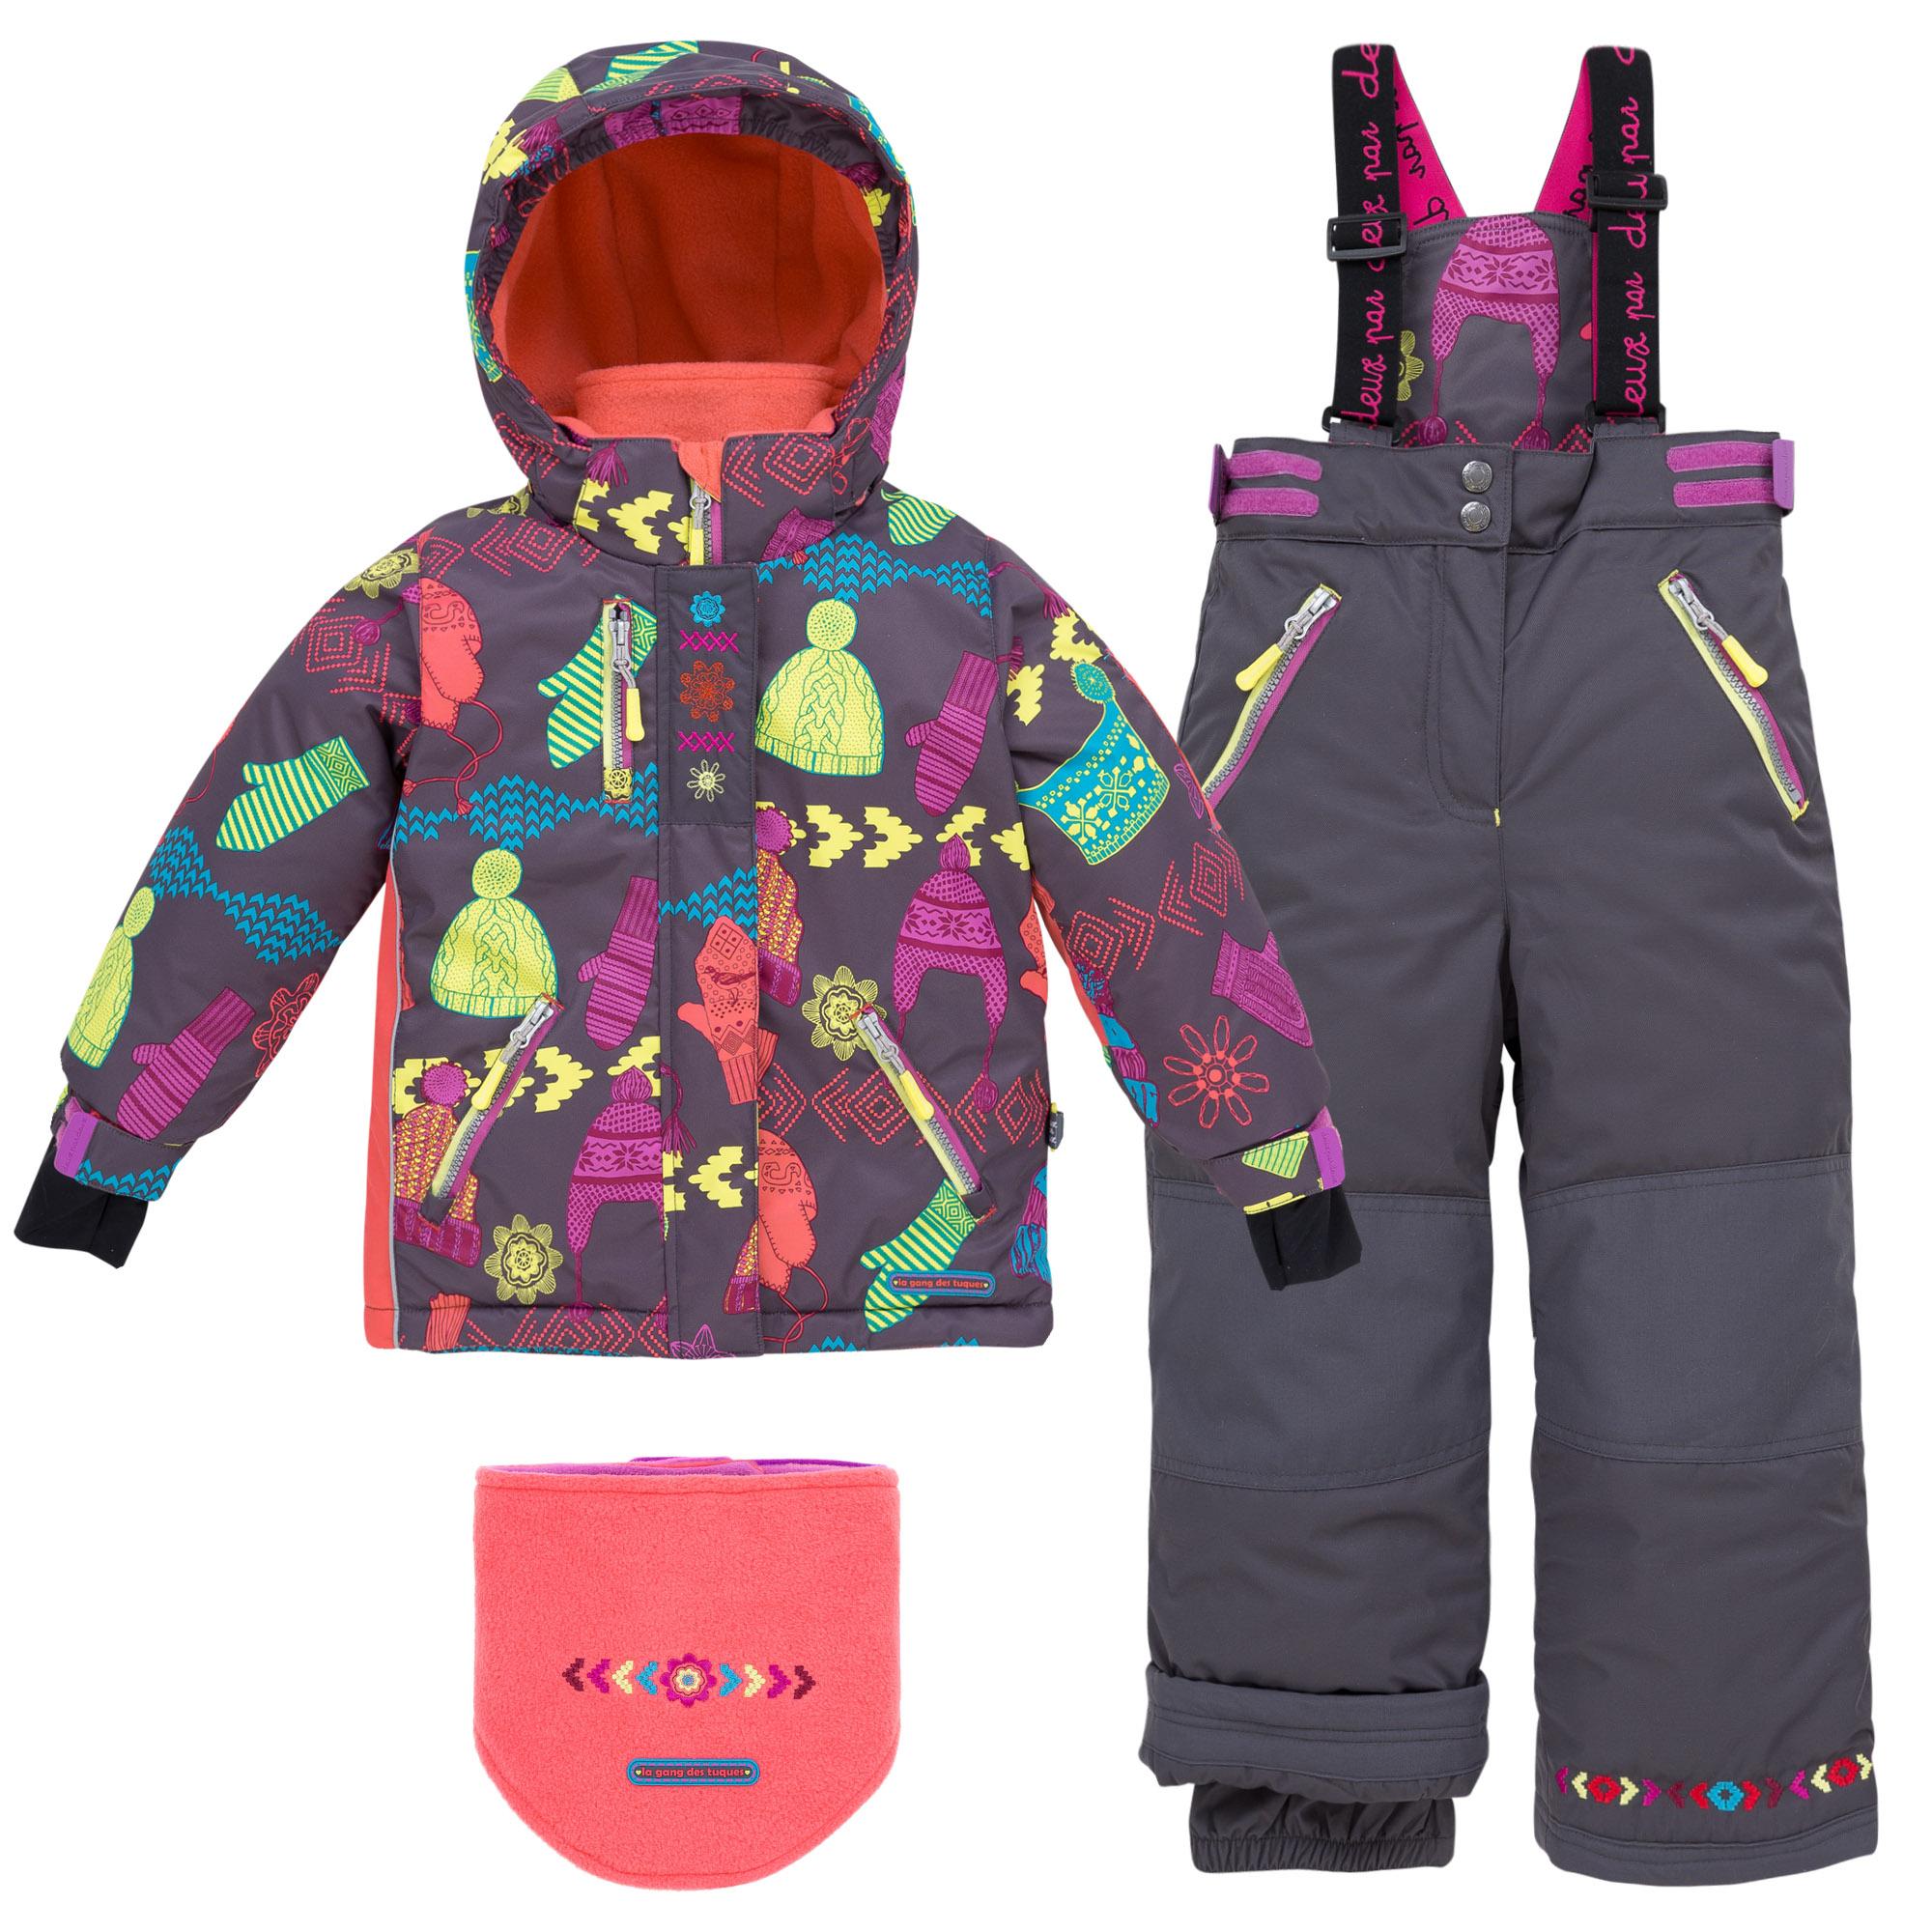 магазин спартак детская одежда